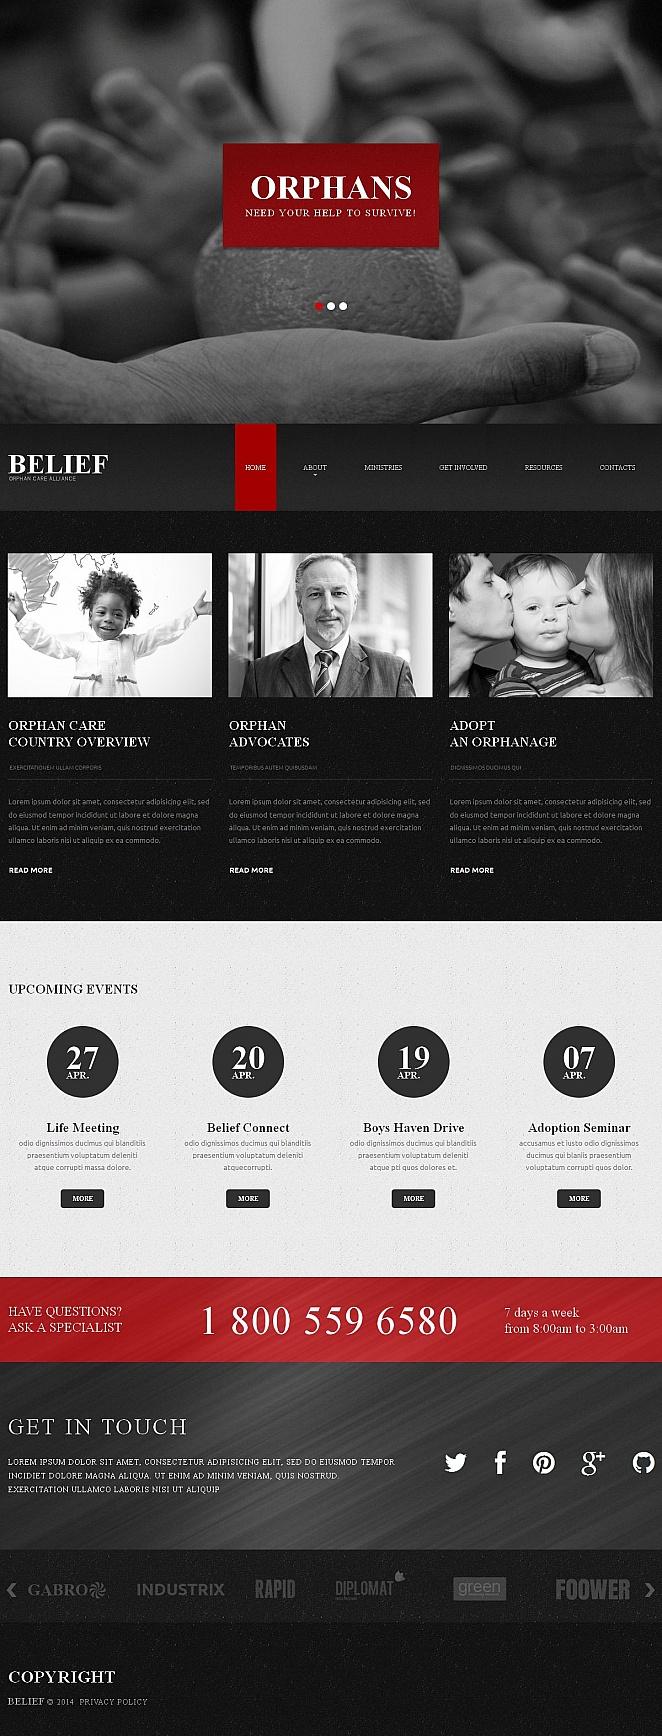 MotoCMS HTML Шаблон #50834 из категории Благотворительность - image